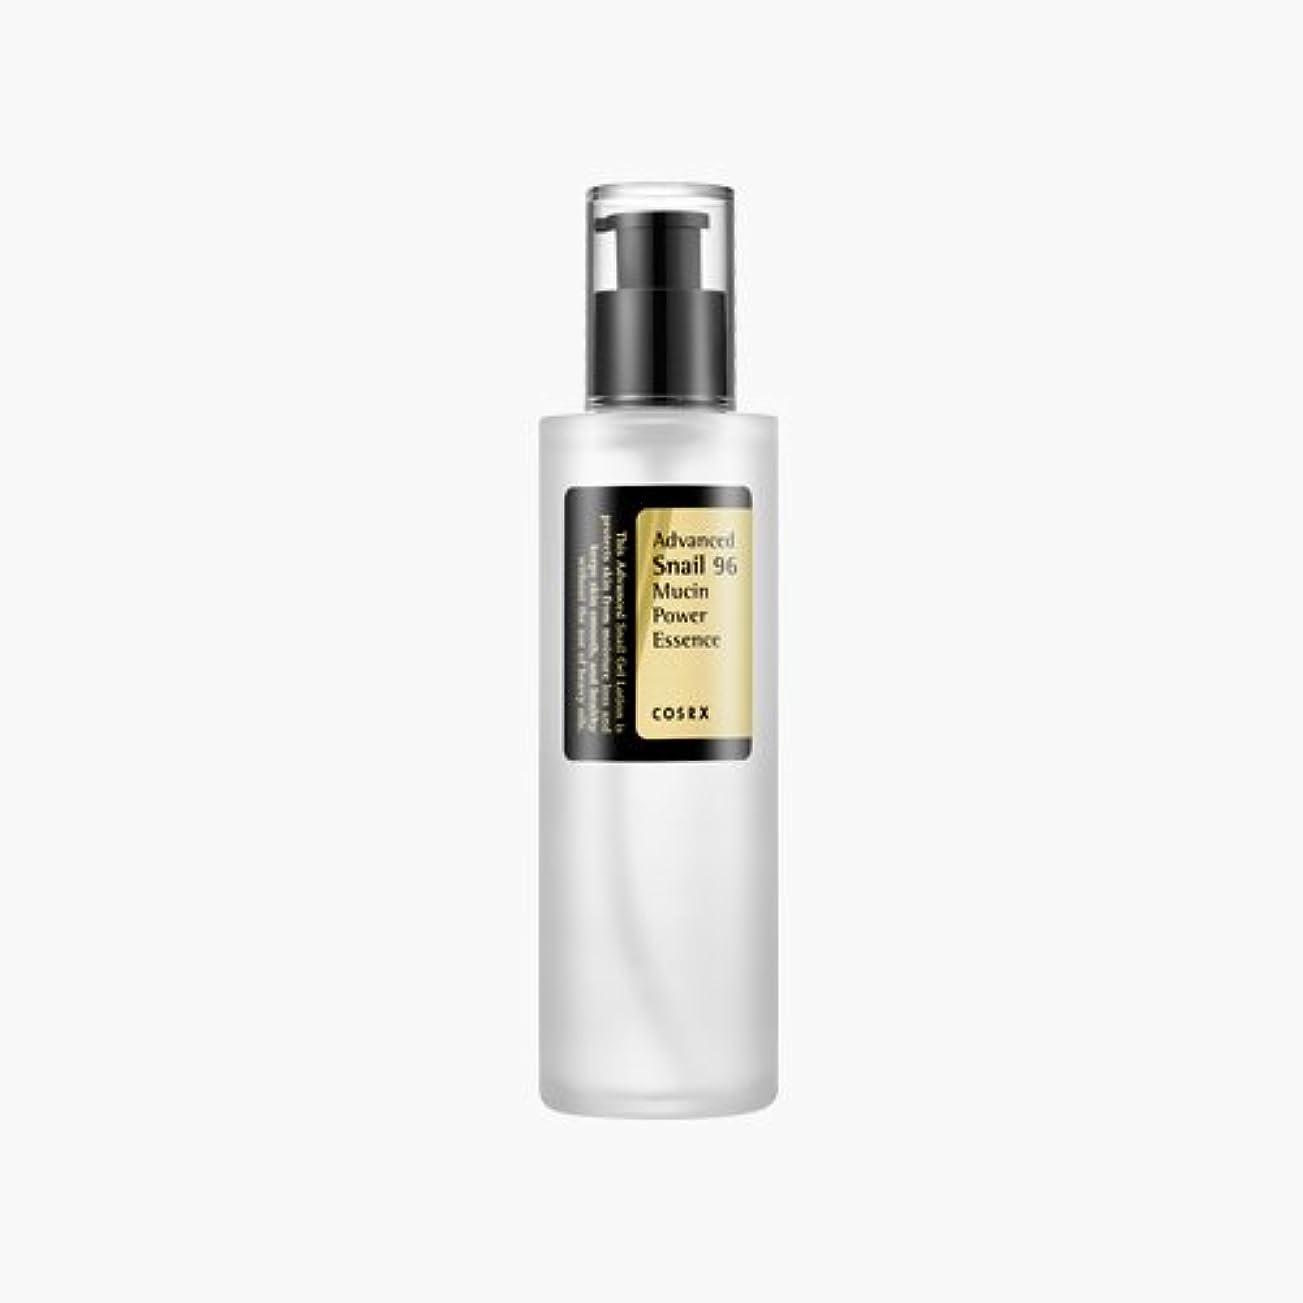 うぬぼれ脅威バーガー[Cosrx] Advanced Snail 96 Mucin Power Essence 100ml/K-Beauty/Korea Cosmetics